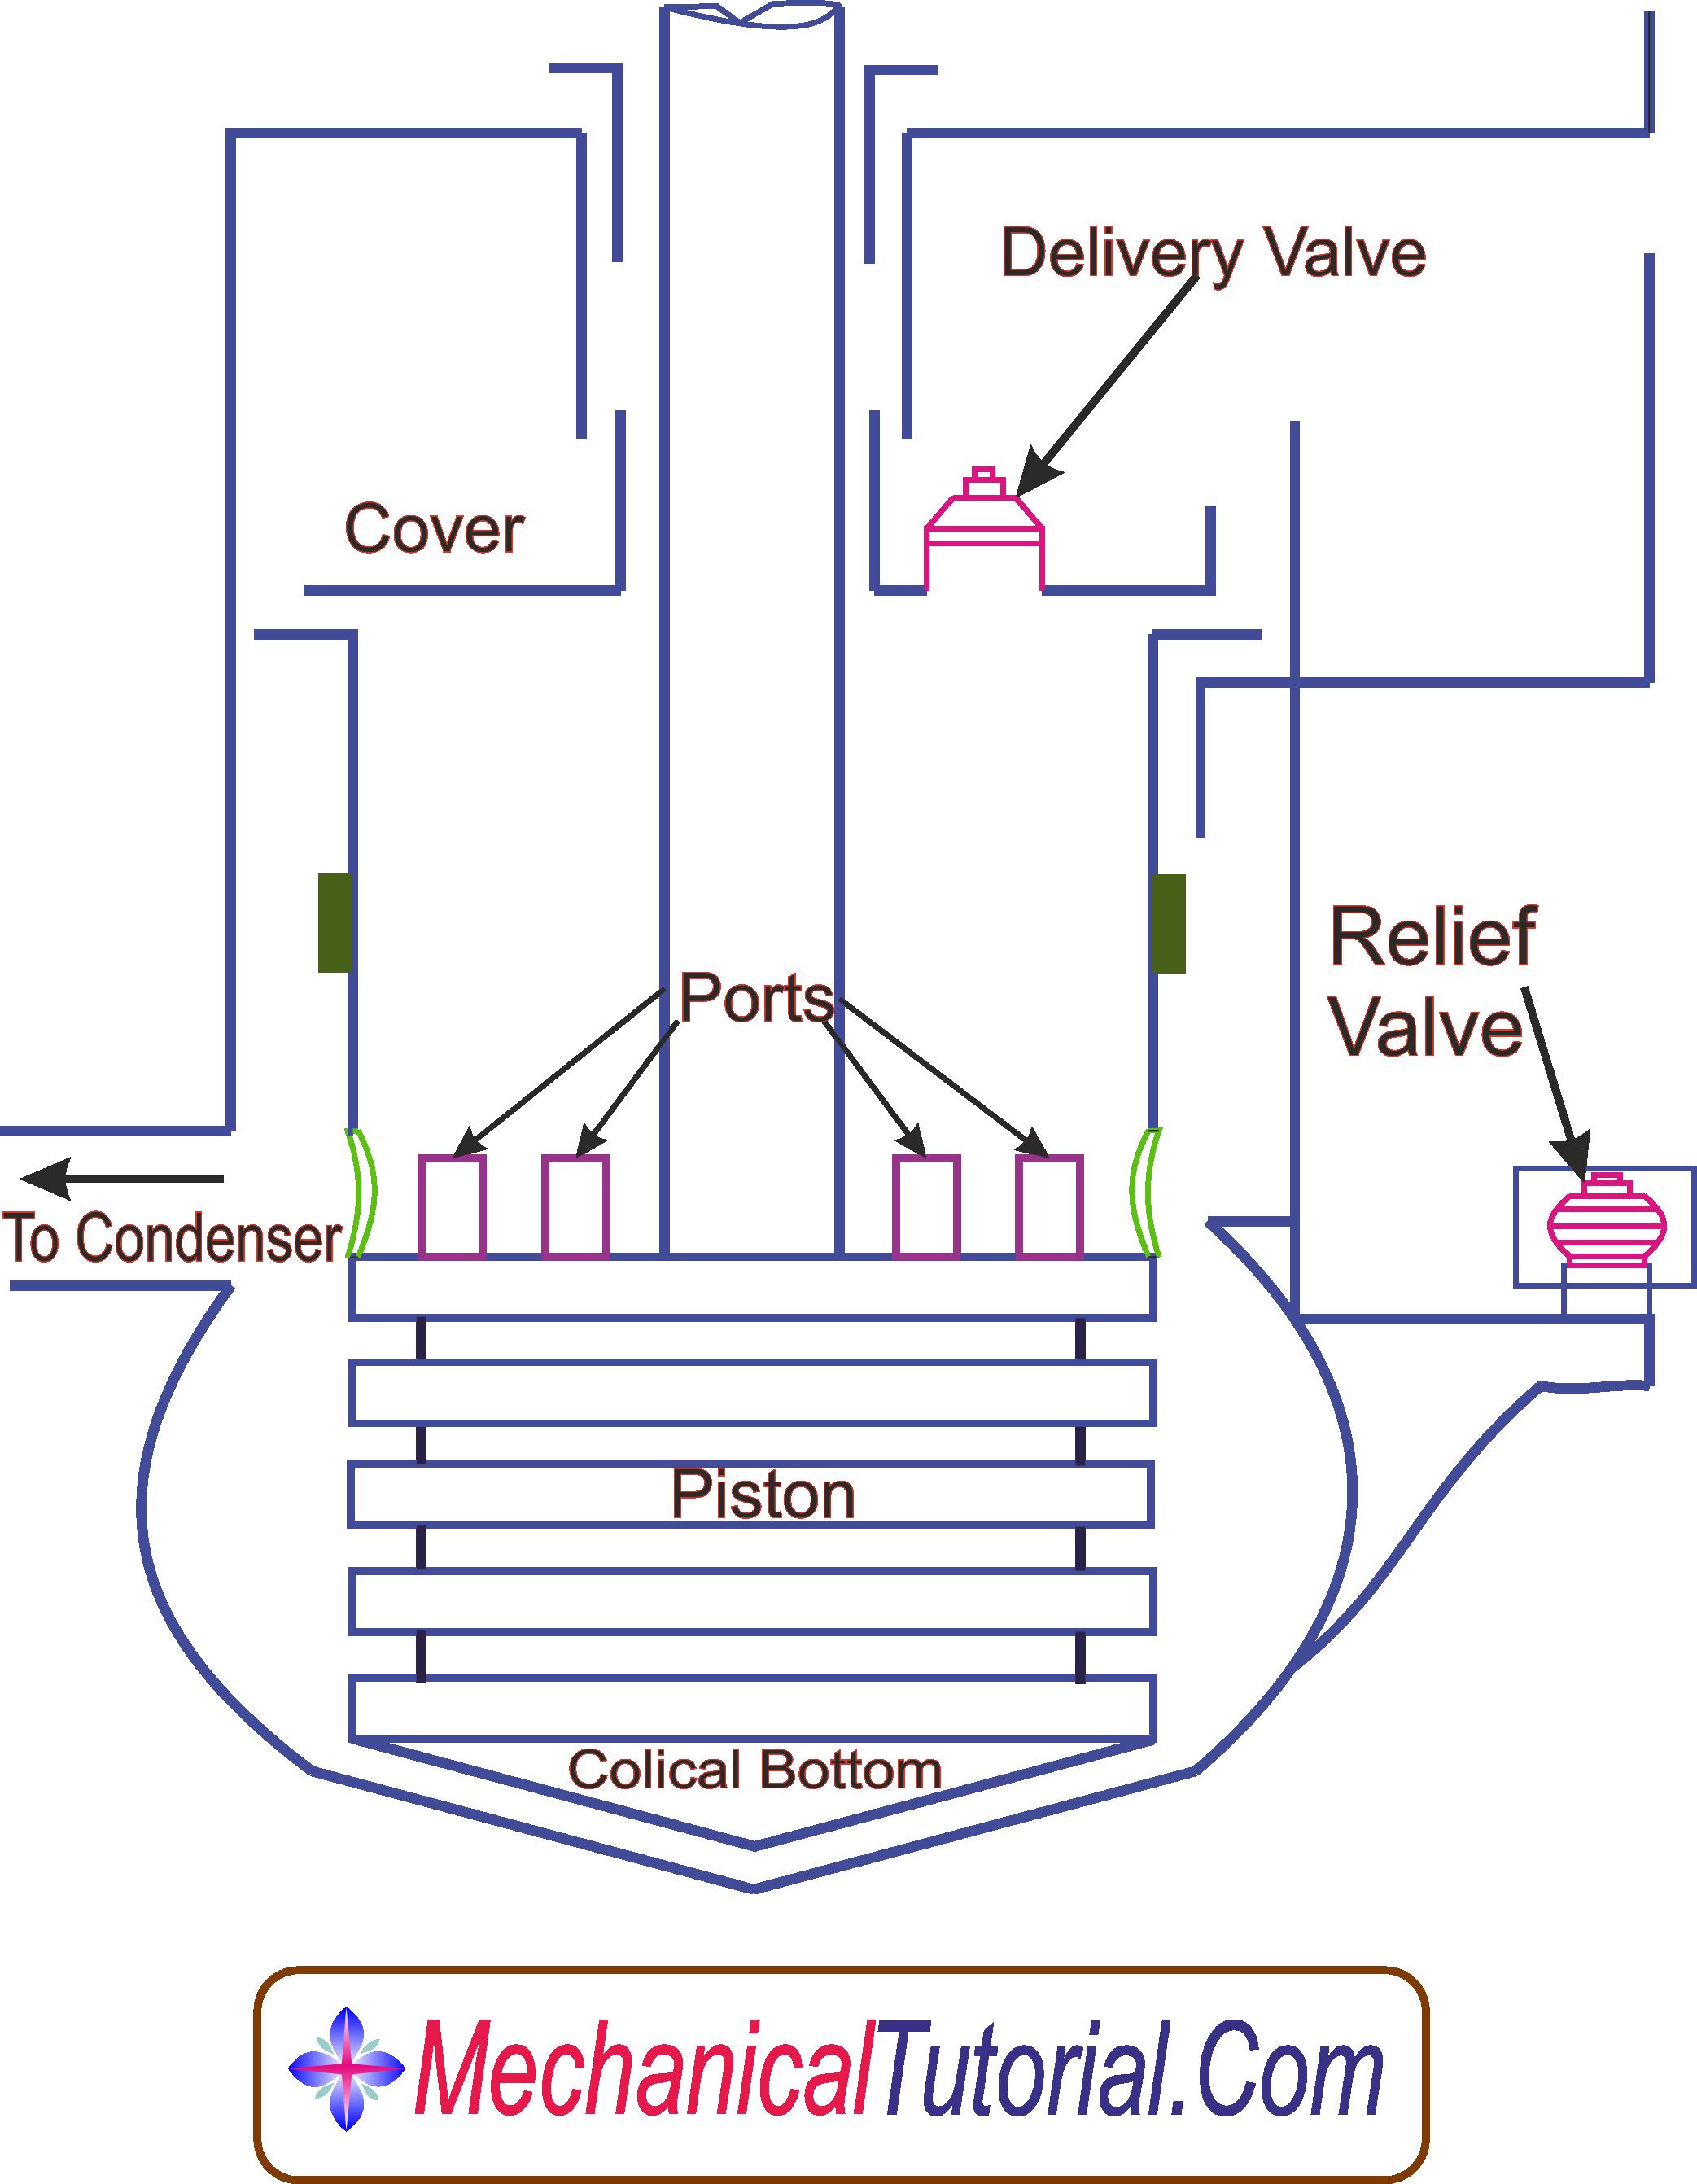 Air Pump Edward s Air Pump MechanicalTutorial